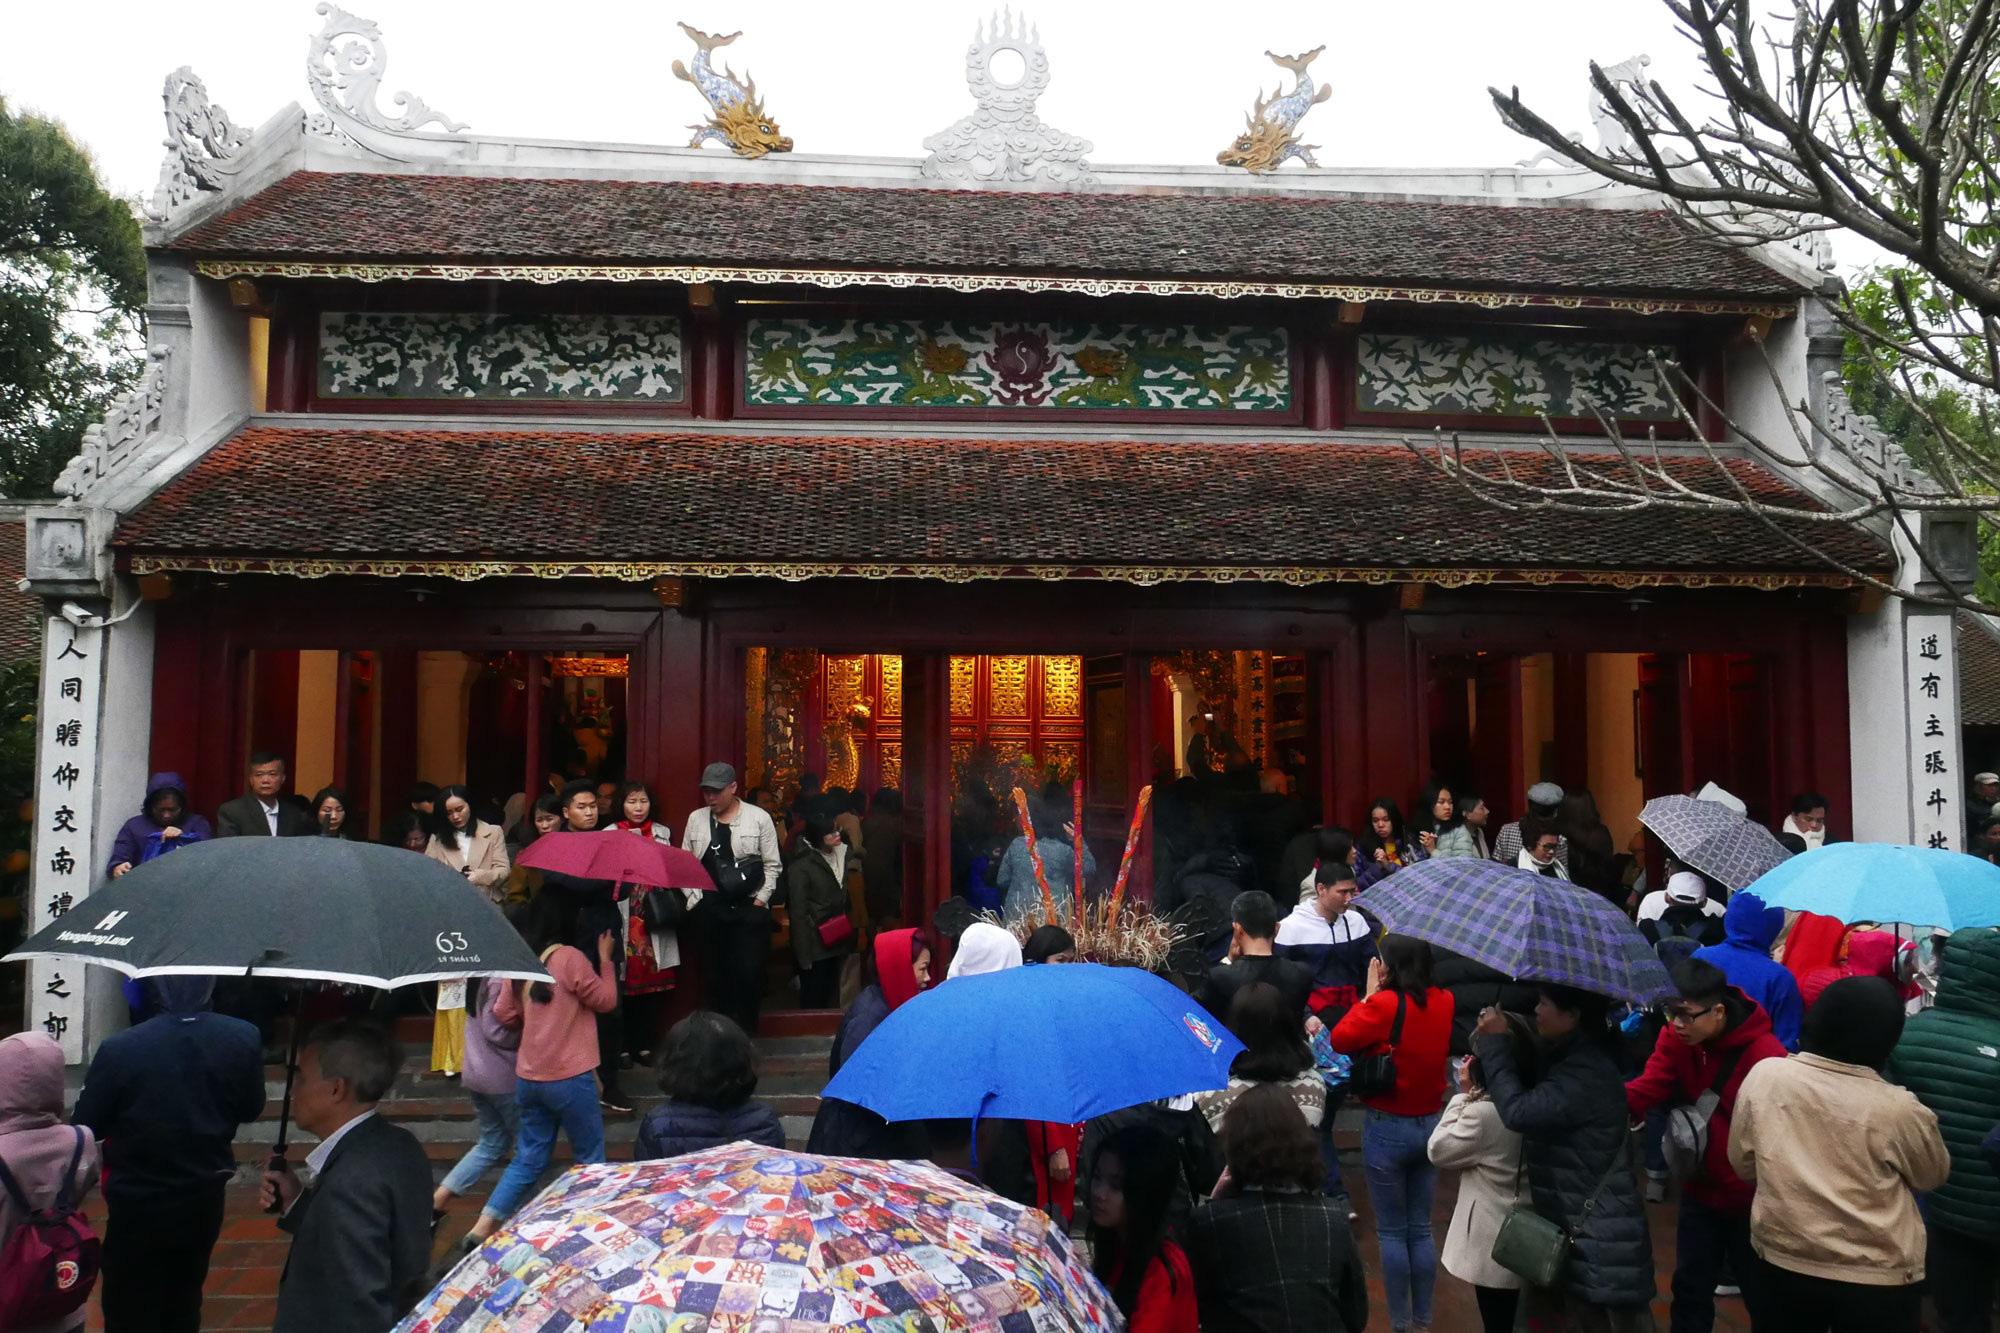 Cảnh lễ đền dưới mưa xuân tuyệt đẹp ở Hà Nội ngày mùng 1 Tết - Ảnh 6.